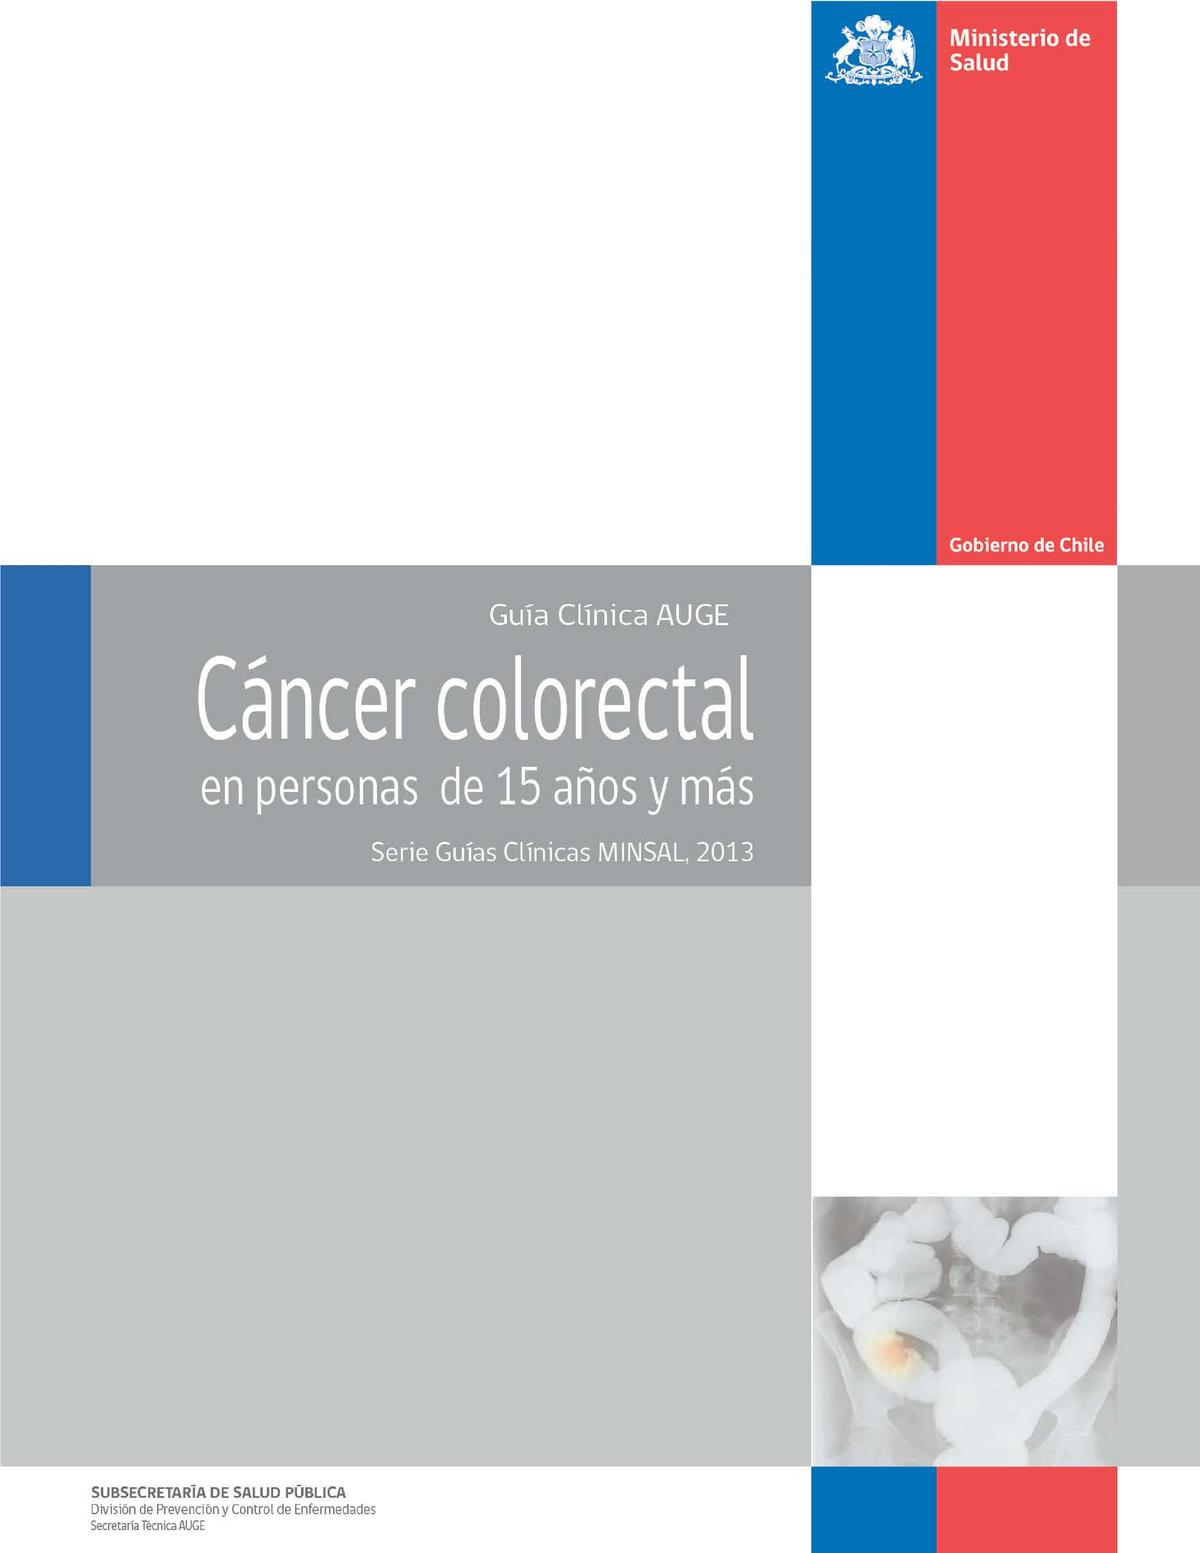 Cancer de pancreas minsal. dorel plant Cancer de colon minsal